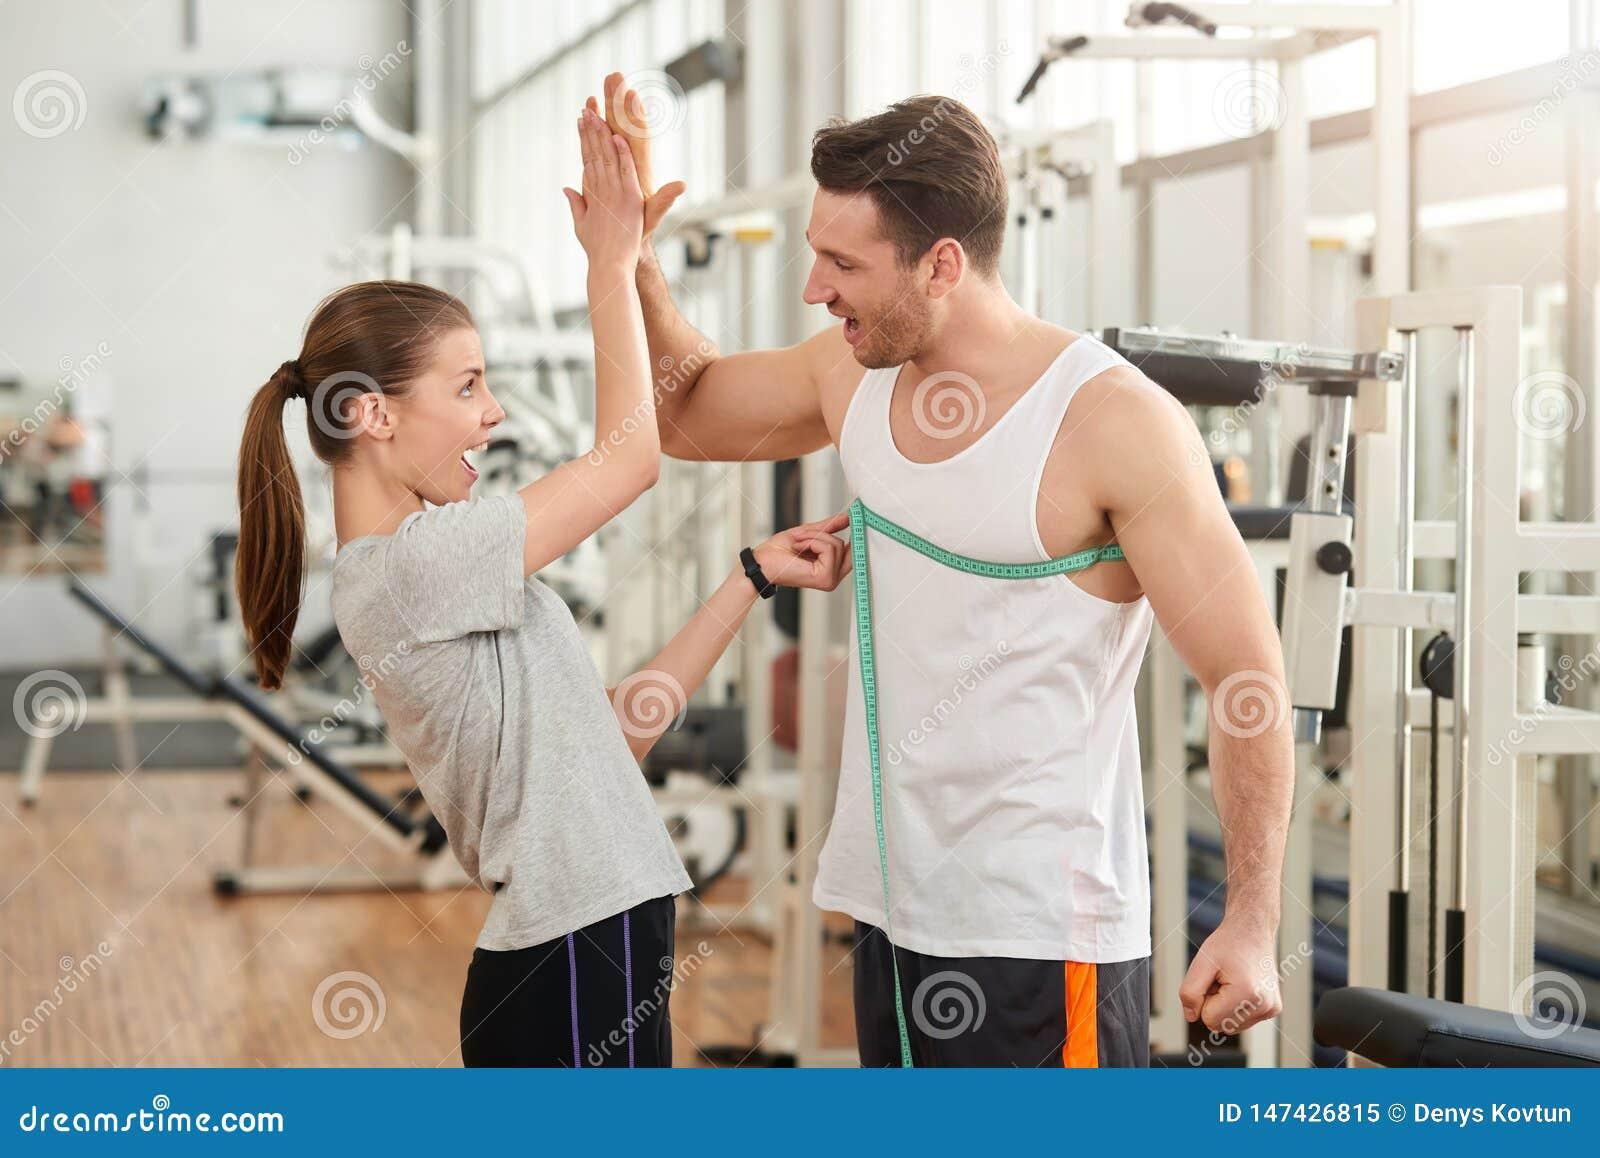 Glückliche sportliche Paare, die miteinander hohe fünf geben